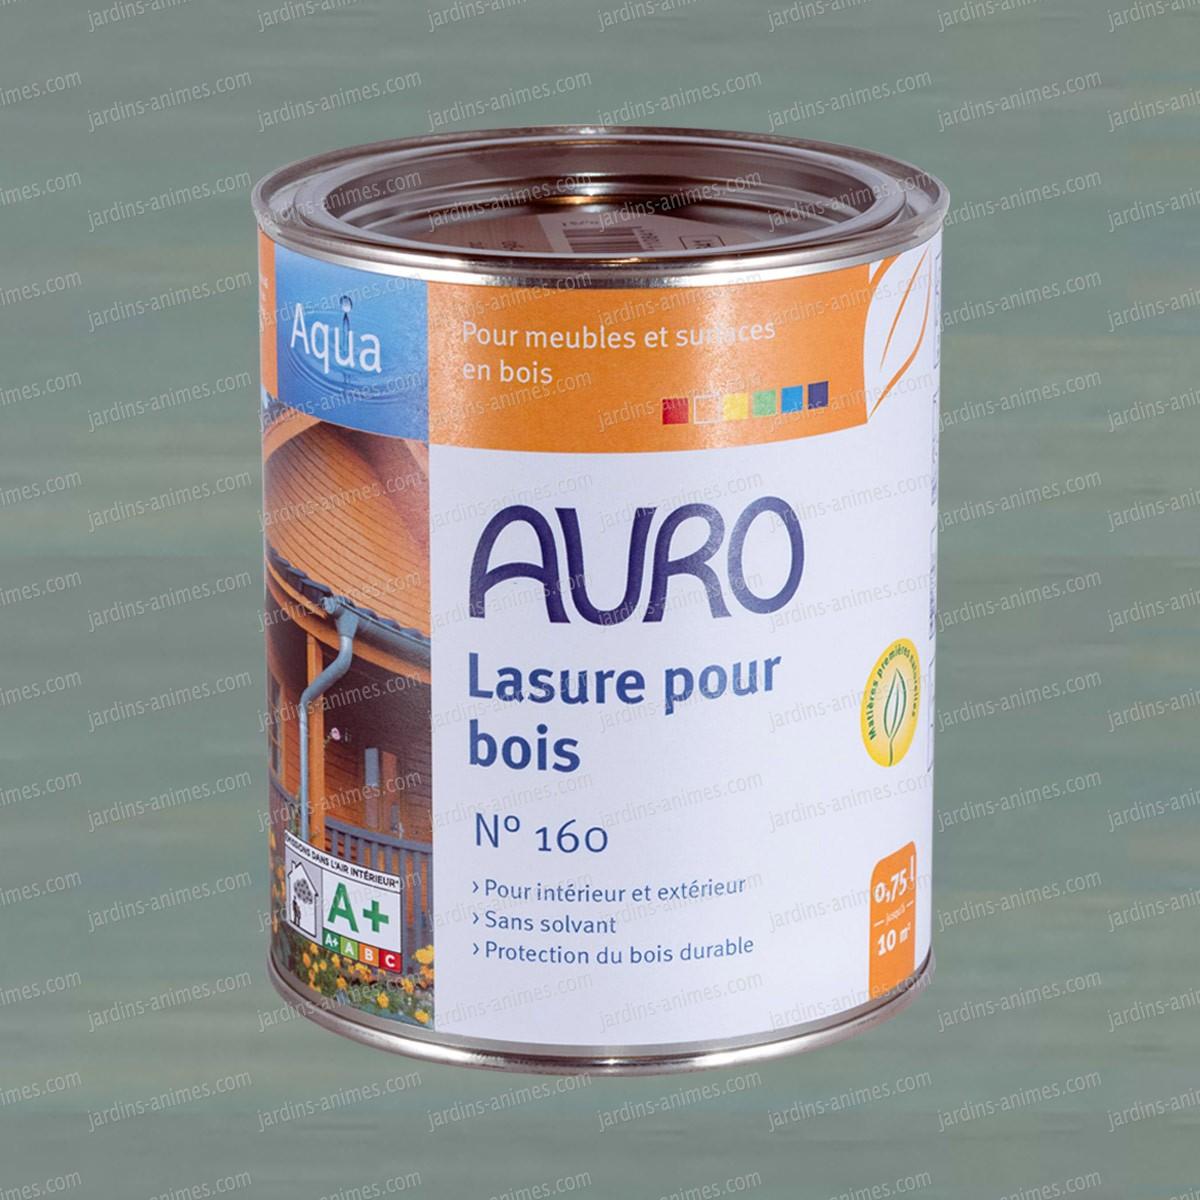 lasure bois aqua gris auro 160 74 peintures et traitements pour le bois. Black Bedroom Furniture Sets. Home Design Ideas